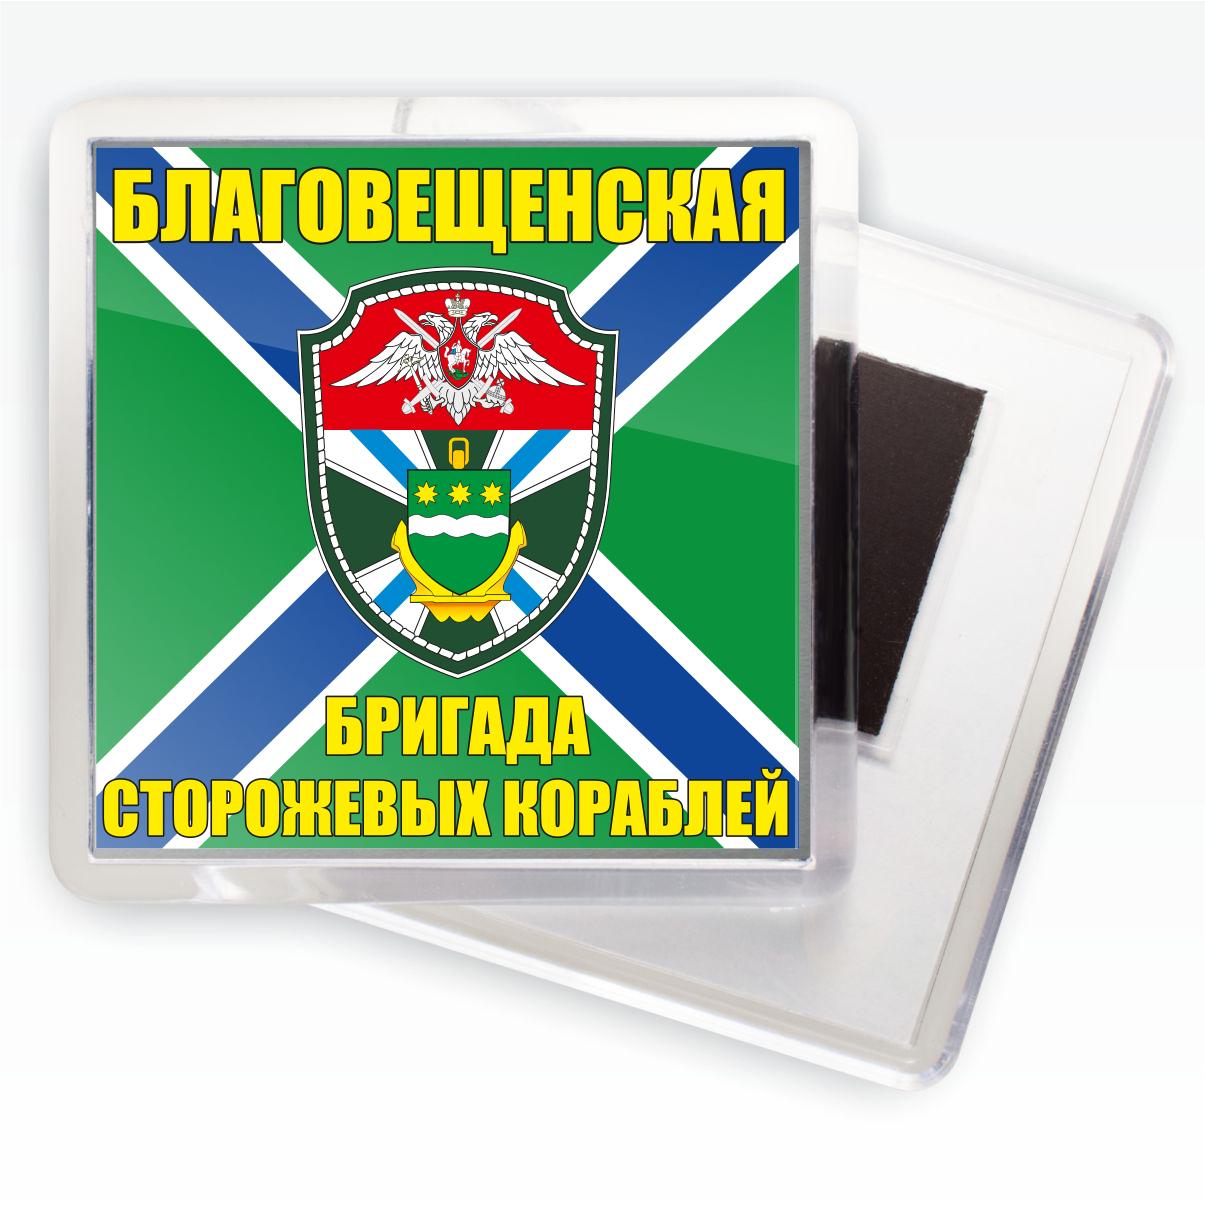 """Магнитик """"Благовещенская бригада ПСКР"""""""